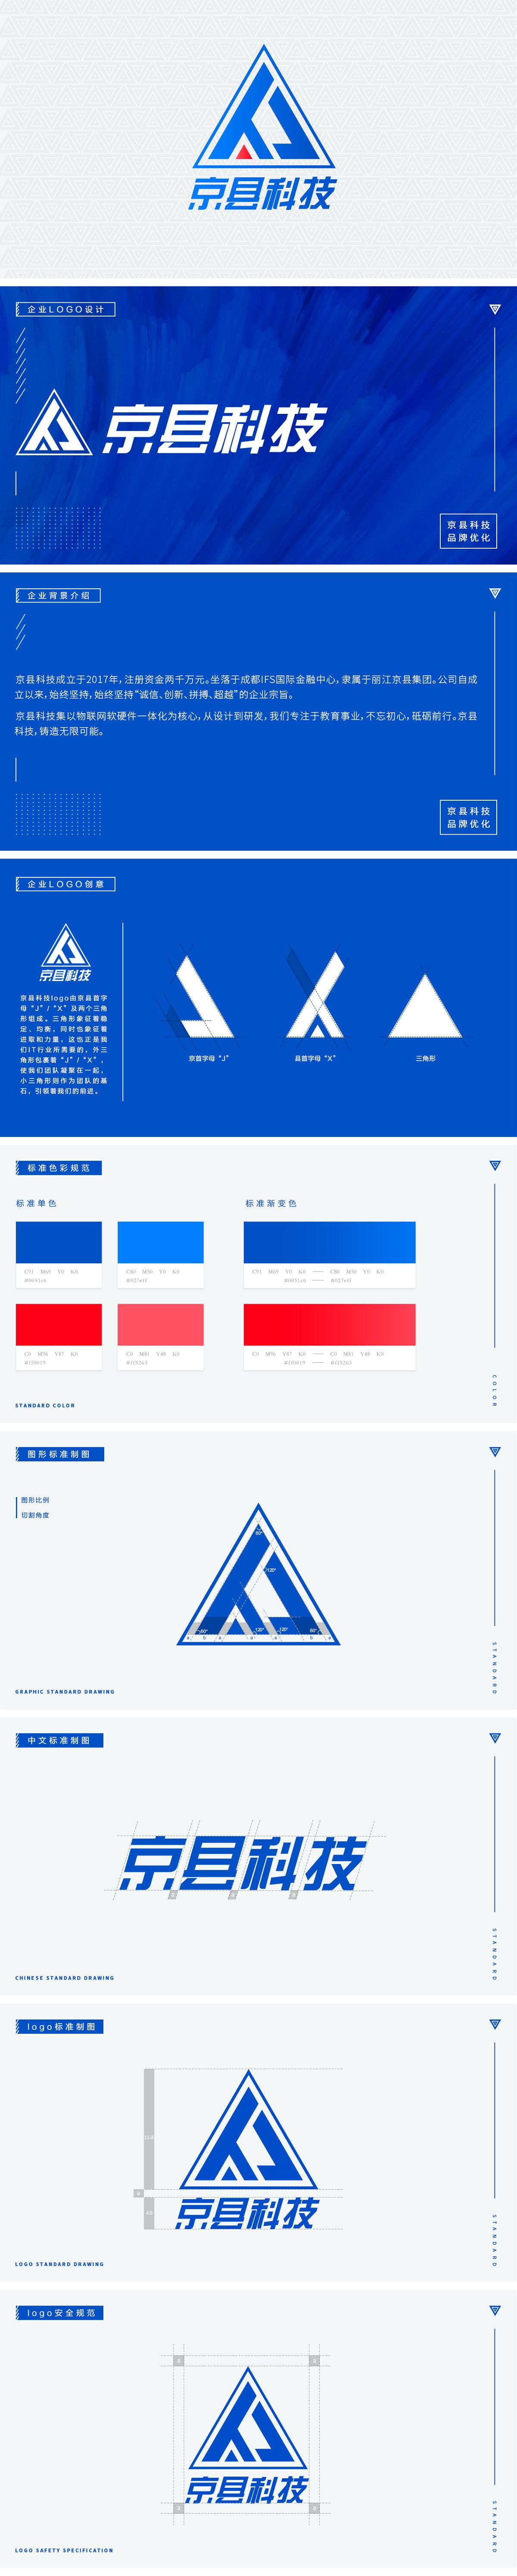 京县科技品牌优化提案